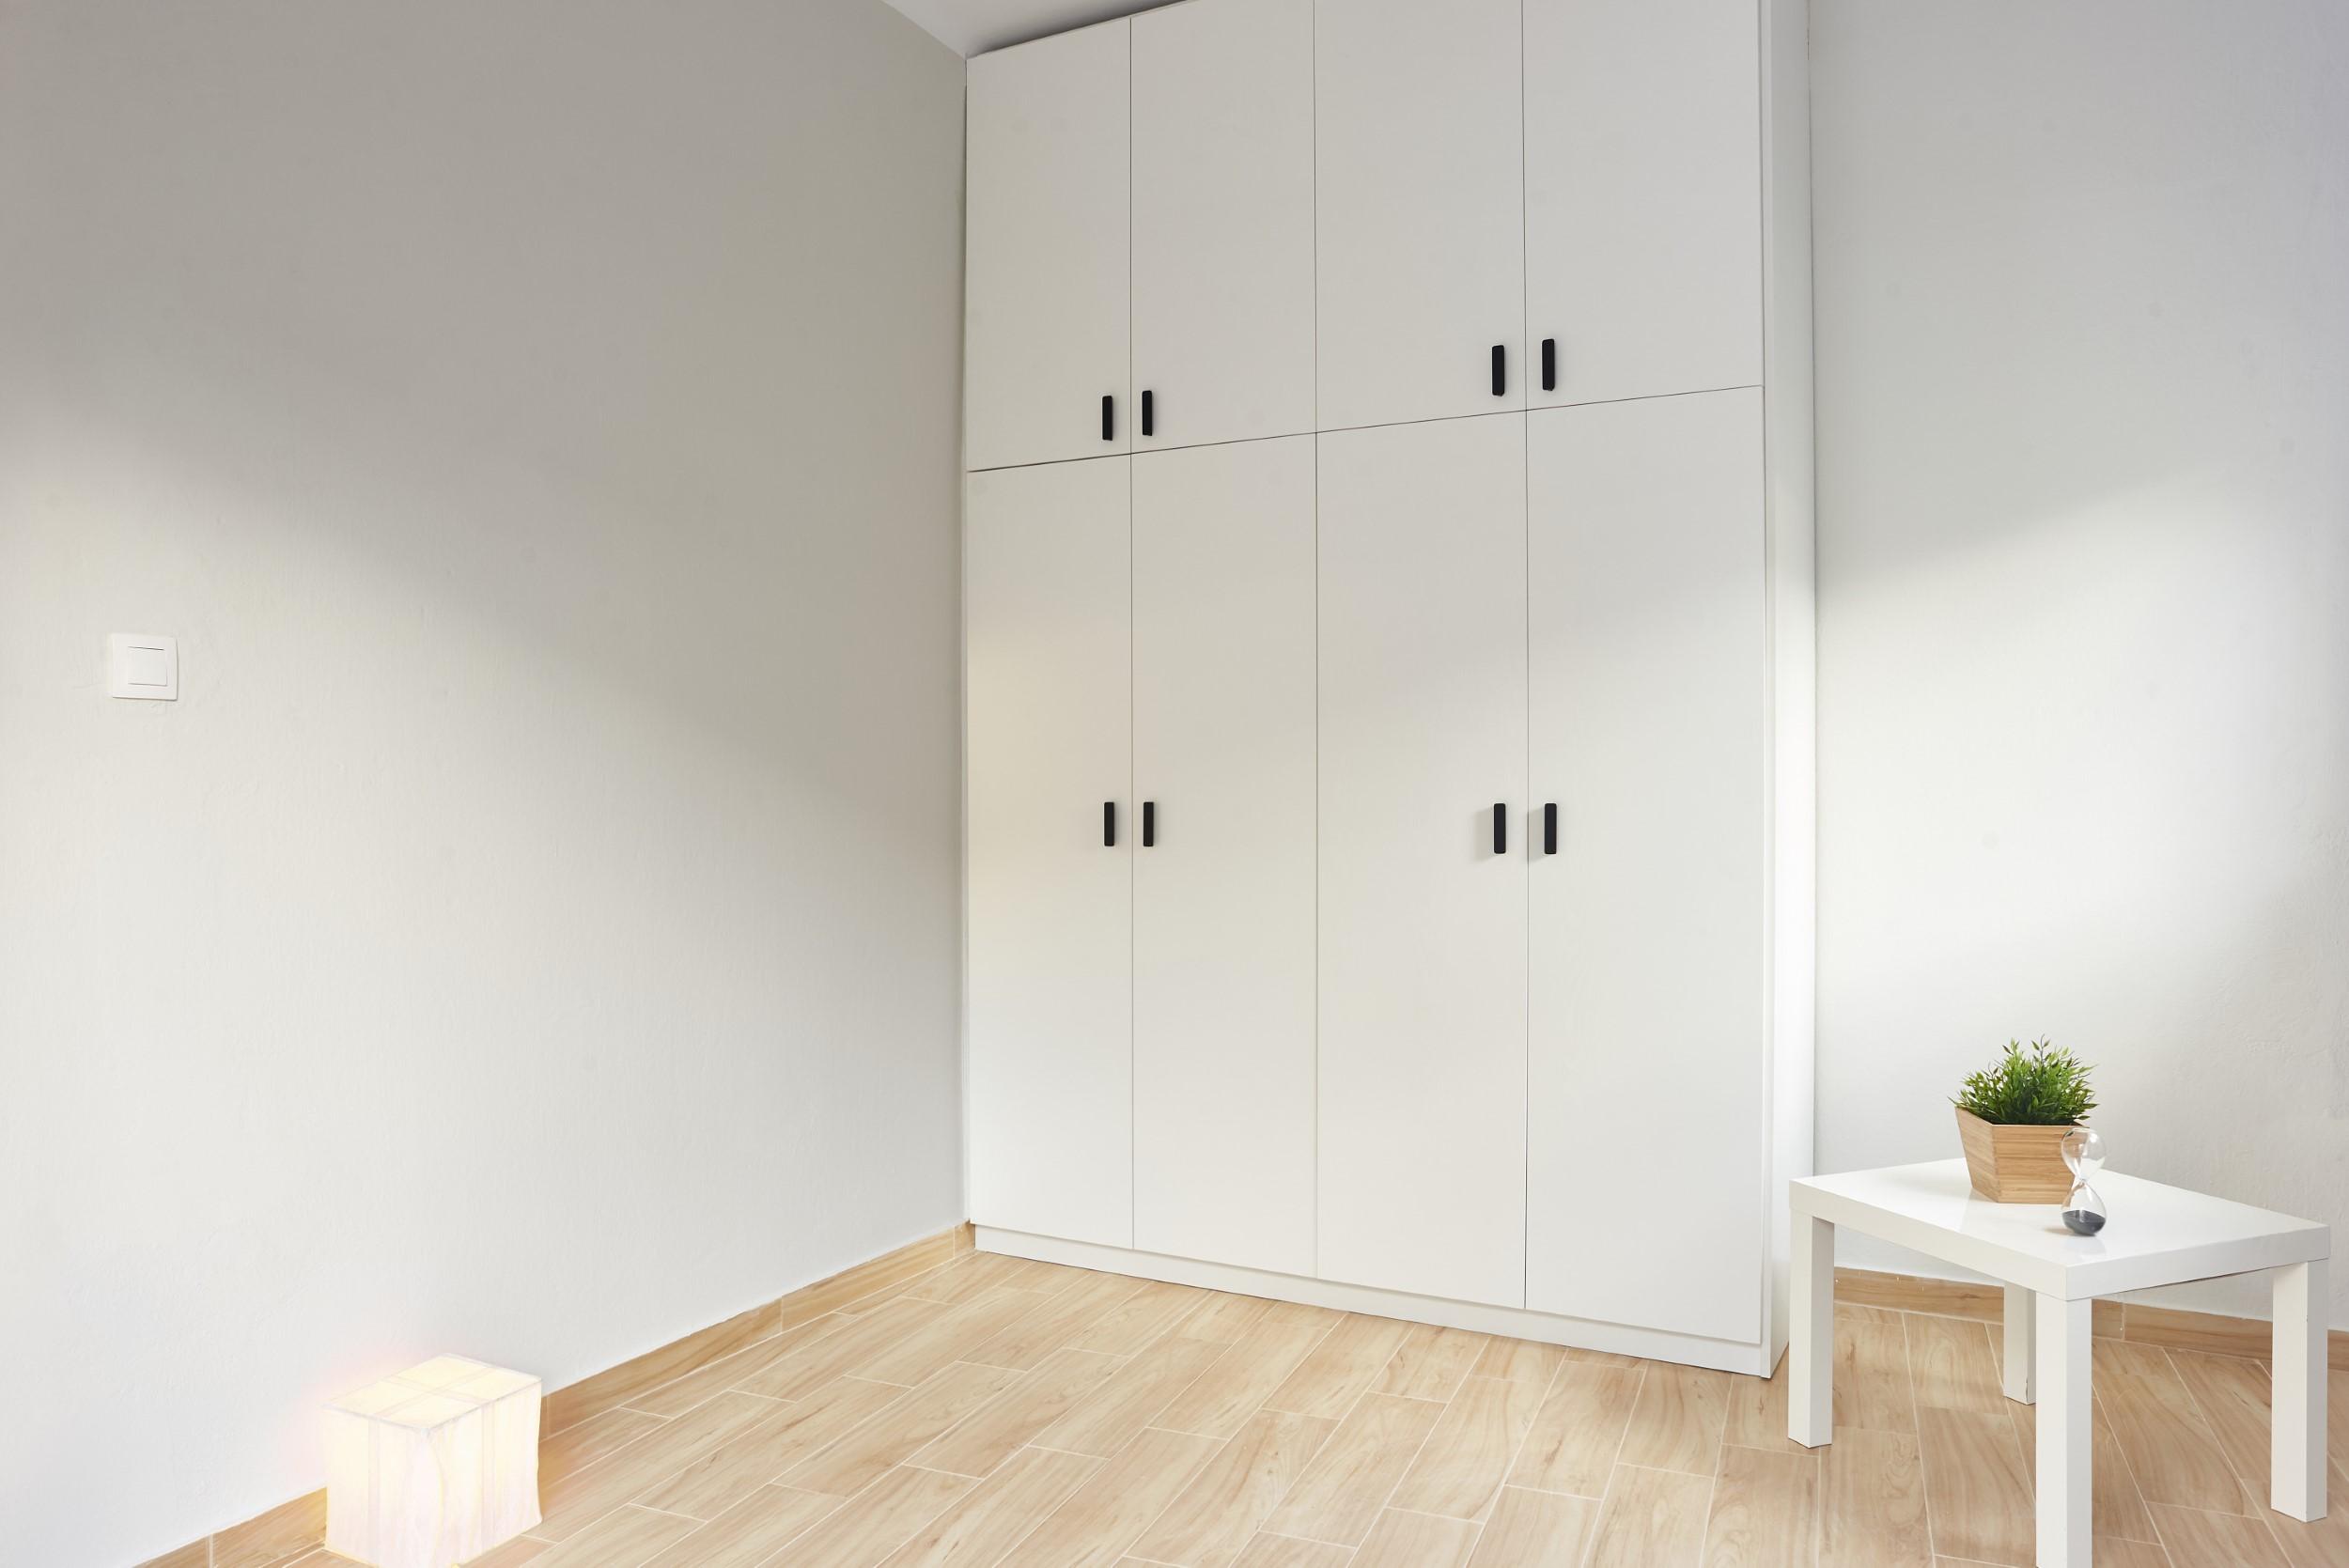 Τετράφυλλη ντουλάπα δωματίου Nikos Simitsoglou C 05 (custom)